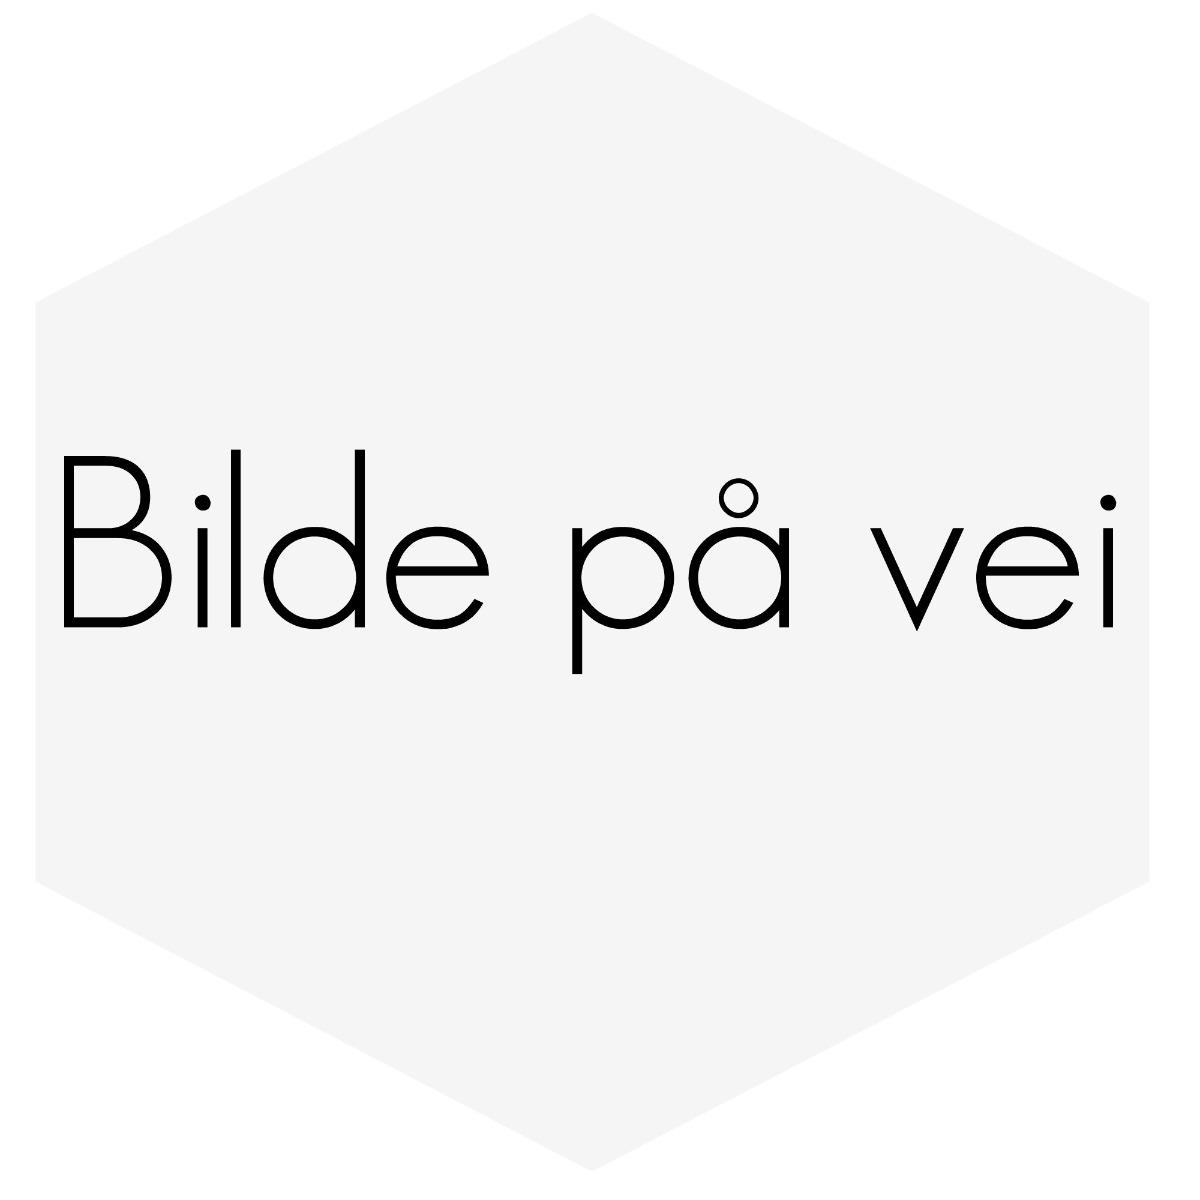 VINDUSPUSSER ARM MED BLAD BAK TIL VOLVO V70 /XC70 05-07